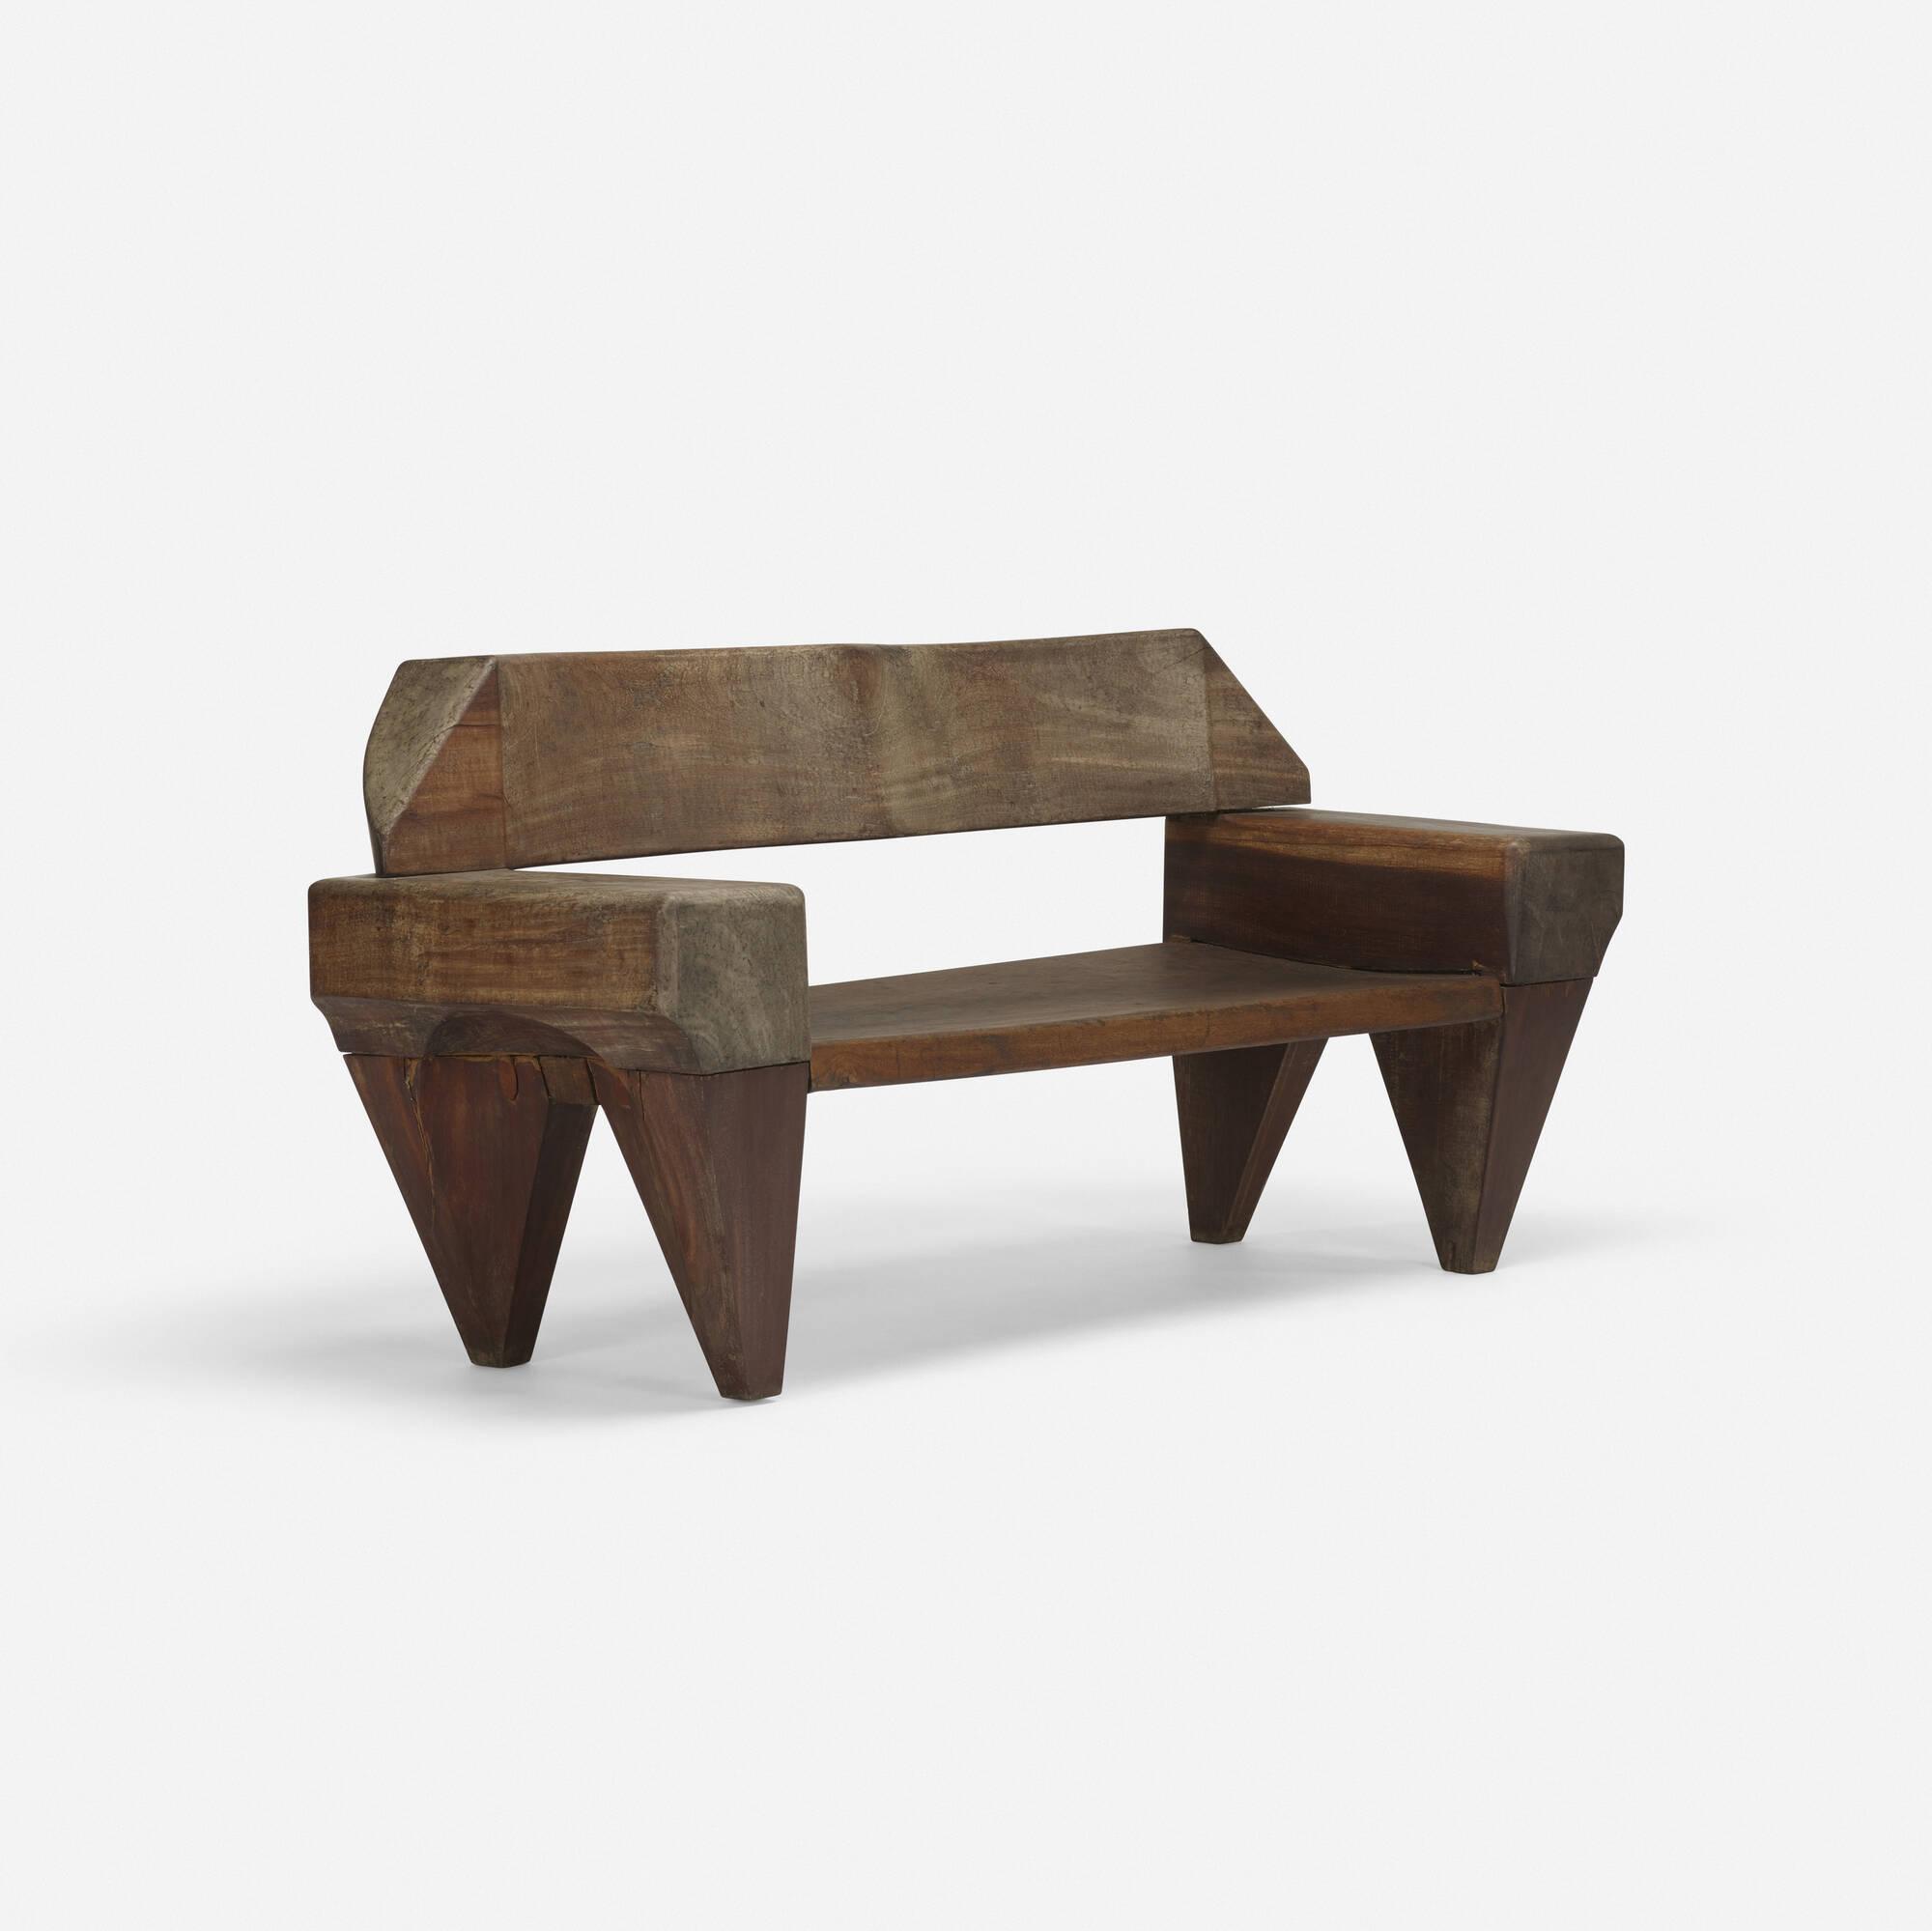 221: José Zanine Caldas / bench (1 of 6)